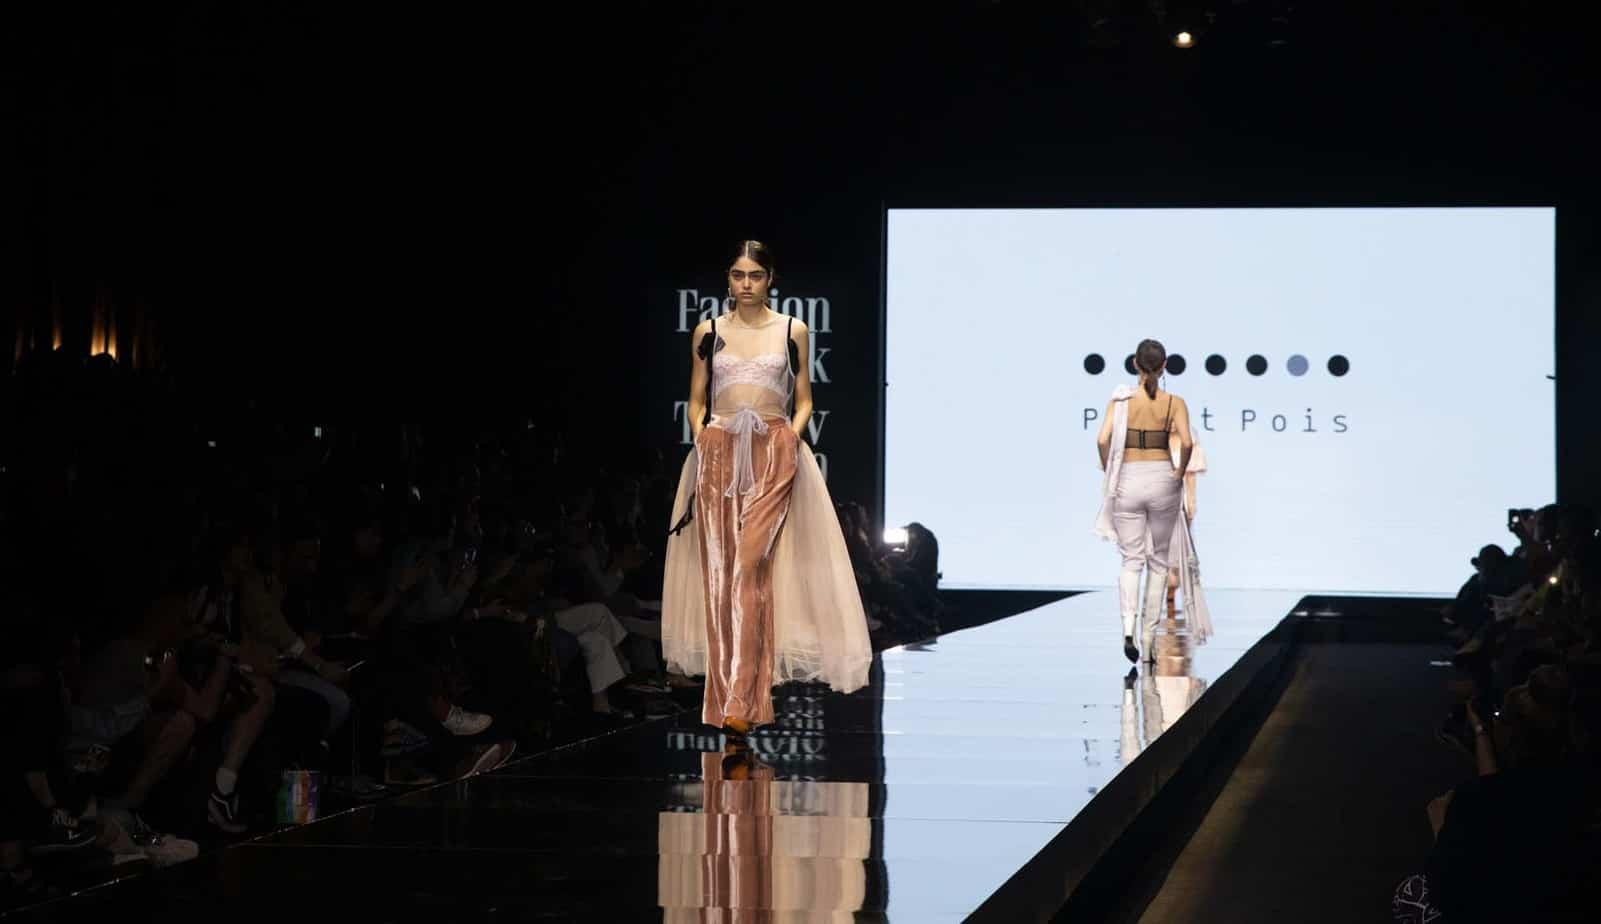 חממת מפעל הפיס. שבוע האופנה תל אביב 2019. צילום עומר קפלן - 12